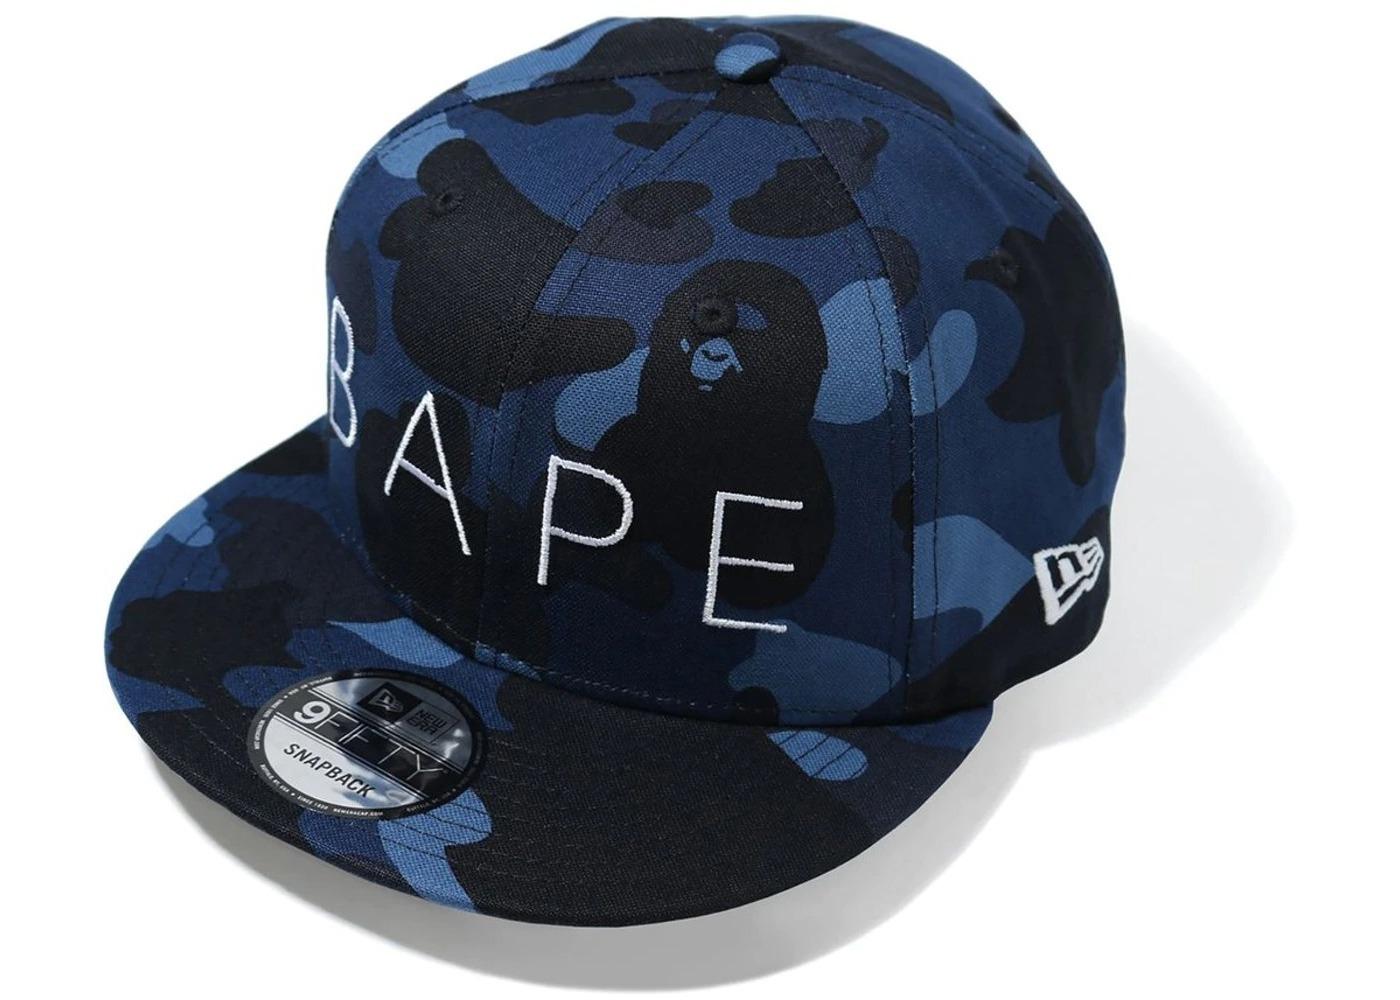 Bape Color Camo New Era Snap Back Cap Navy (FW20)の写真